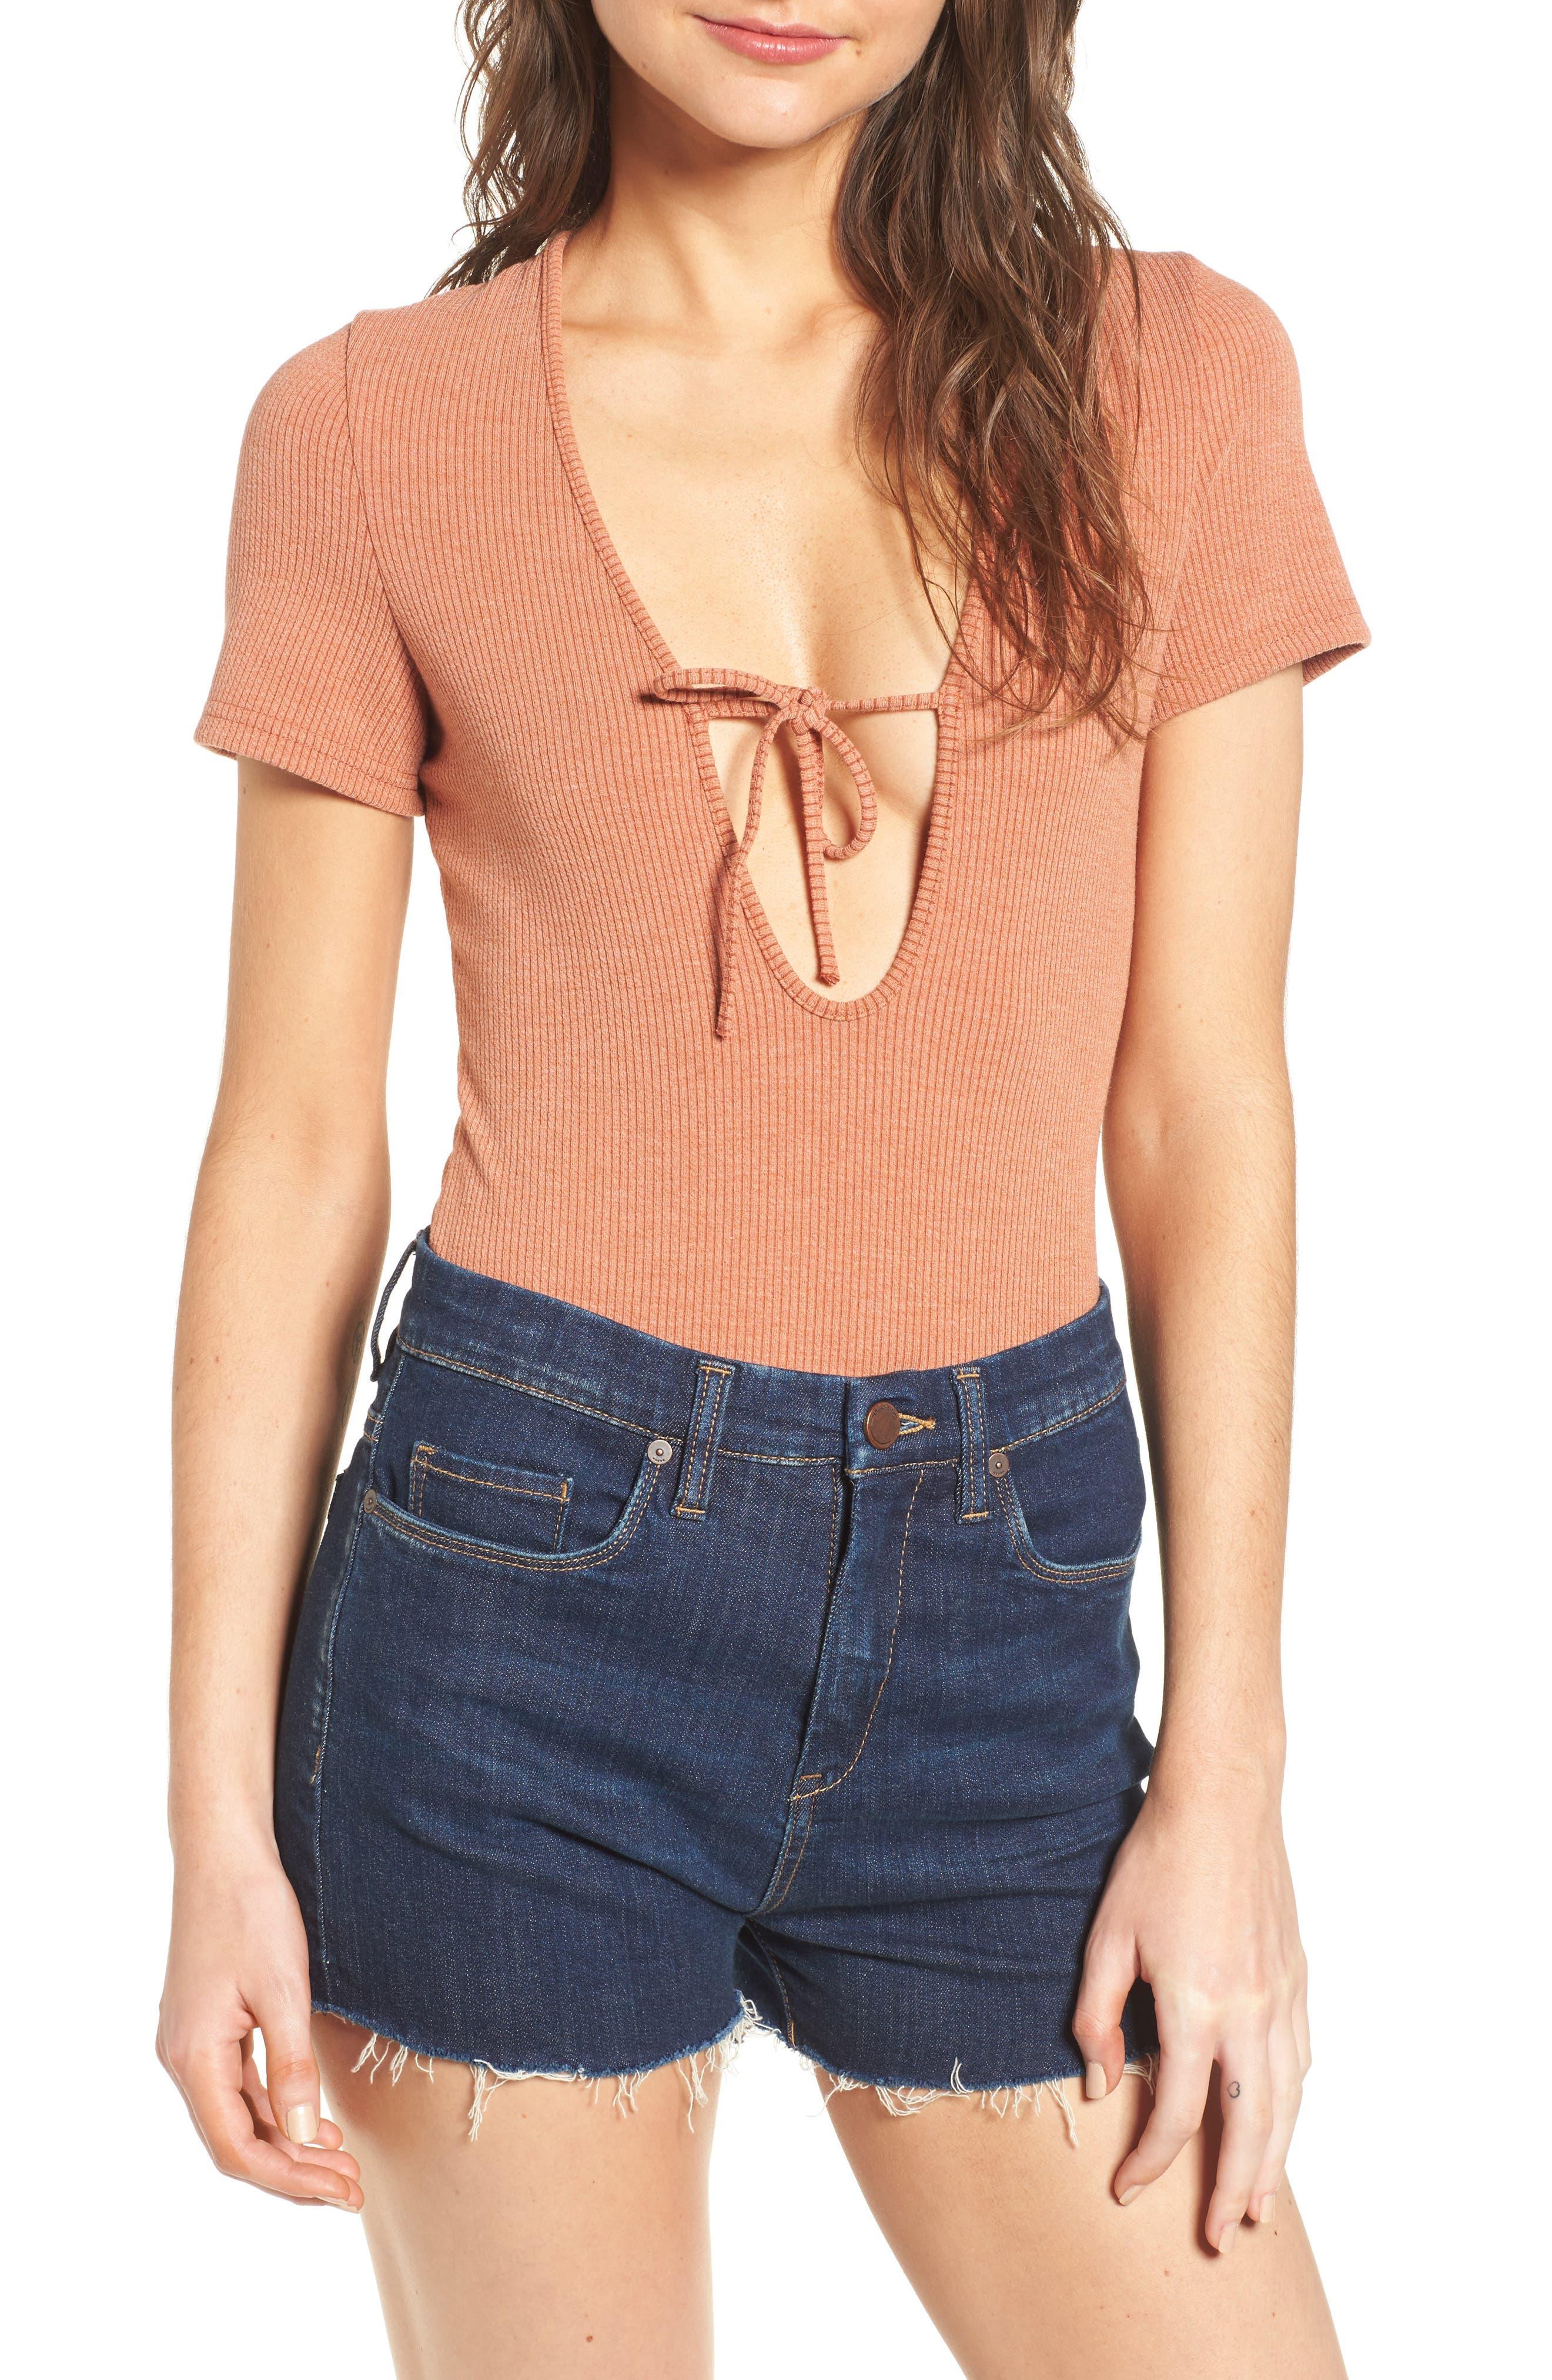 Lira Clothing Liselle Keyhole Bodysuit